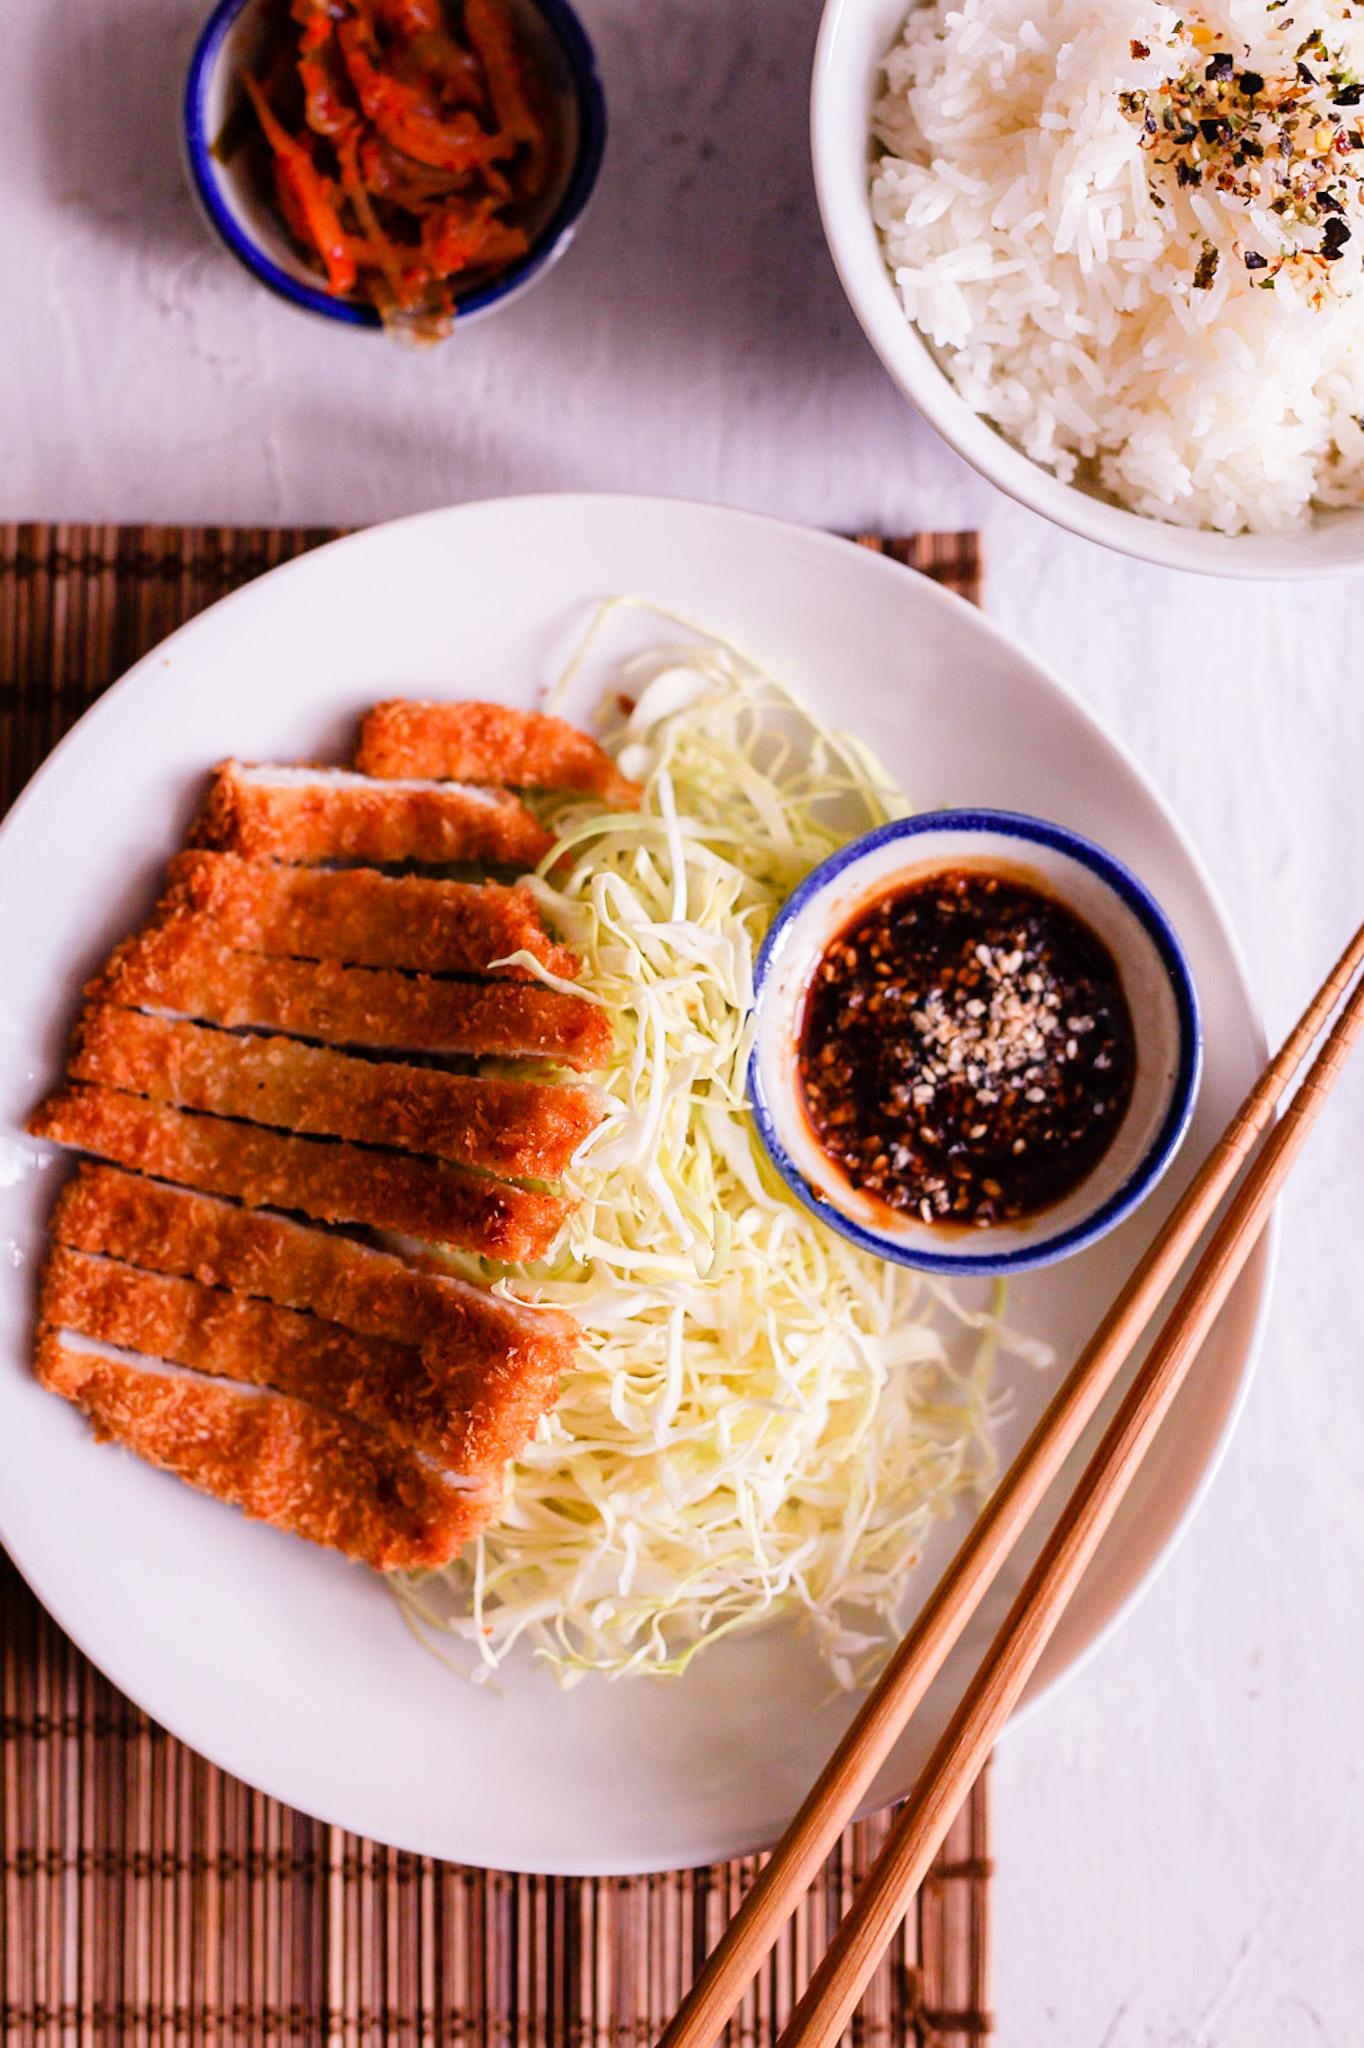 tonkatsu japanse schnitzel